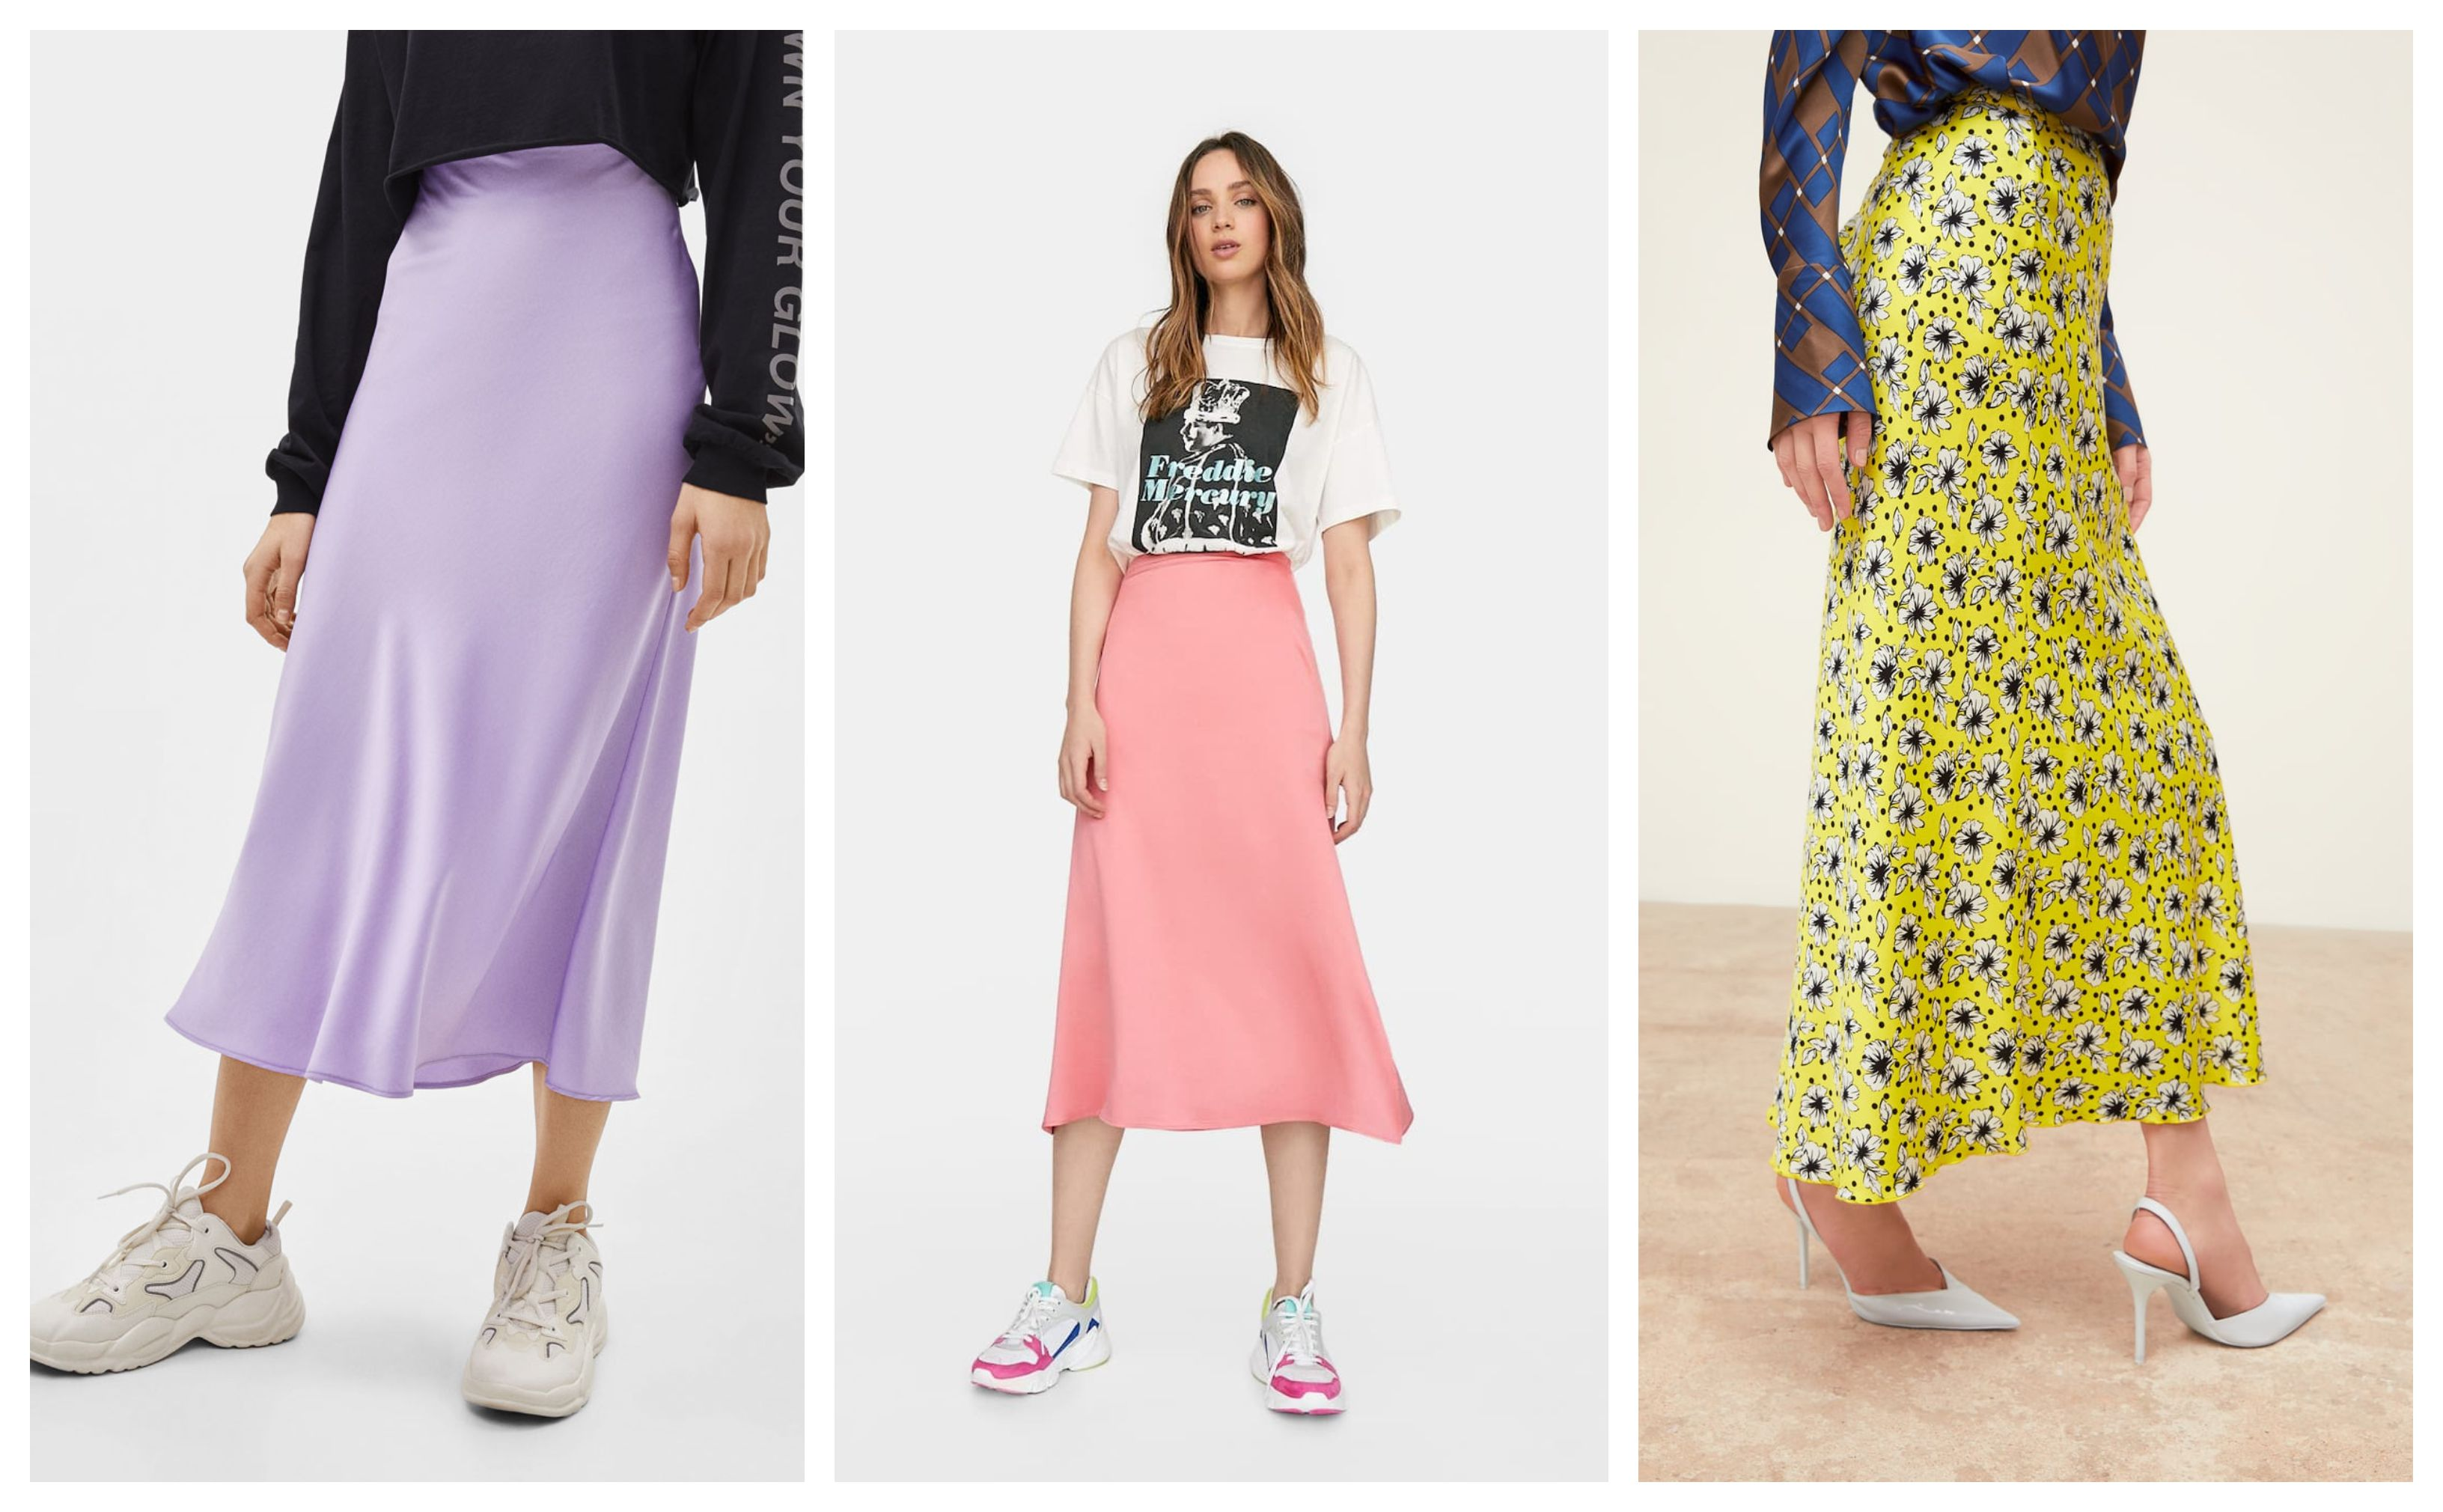 Stylish proljeća nema bez divne, šarene suknje! Izabrali smo najljepše modele od 139 kuna